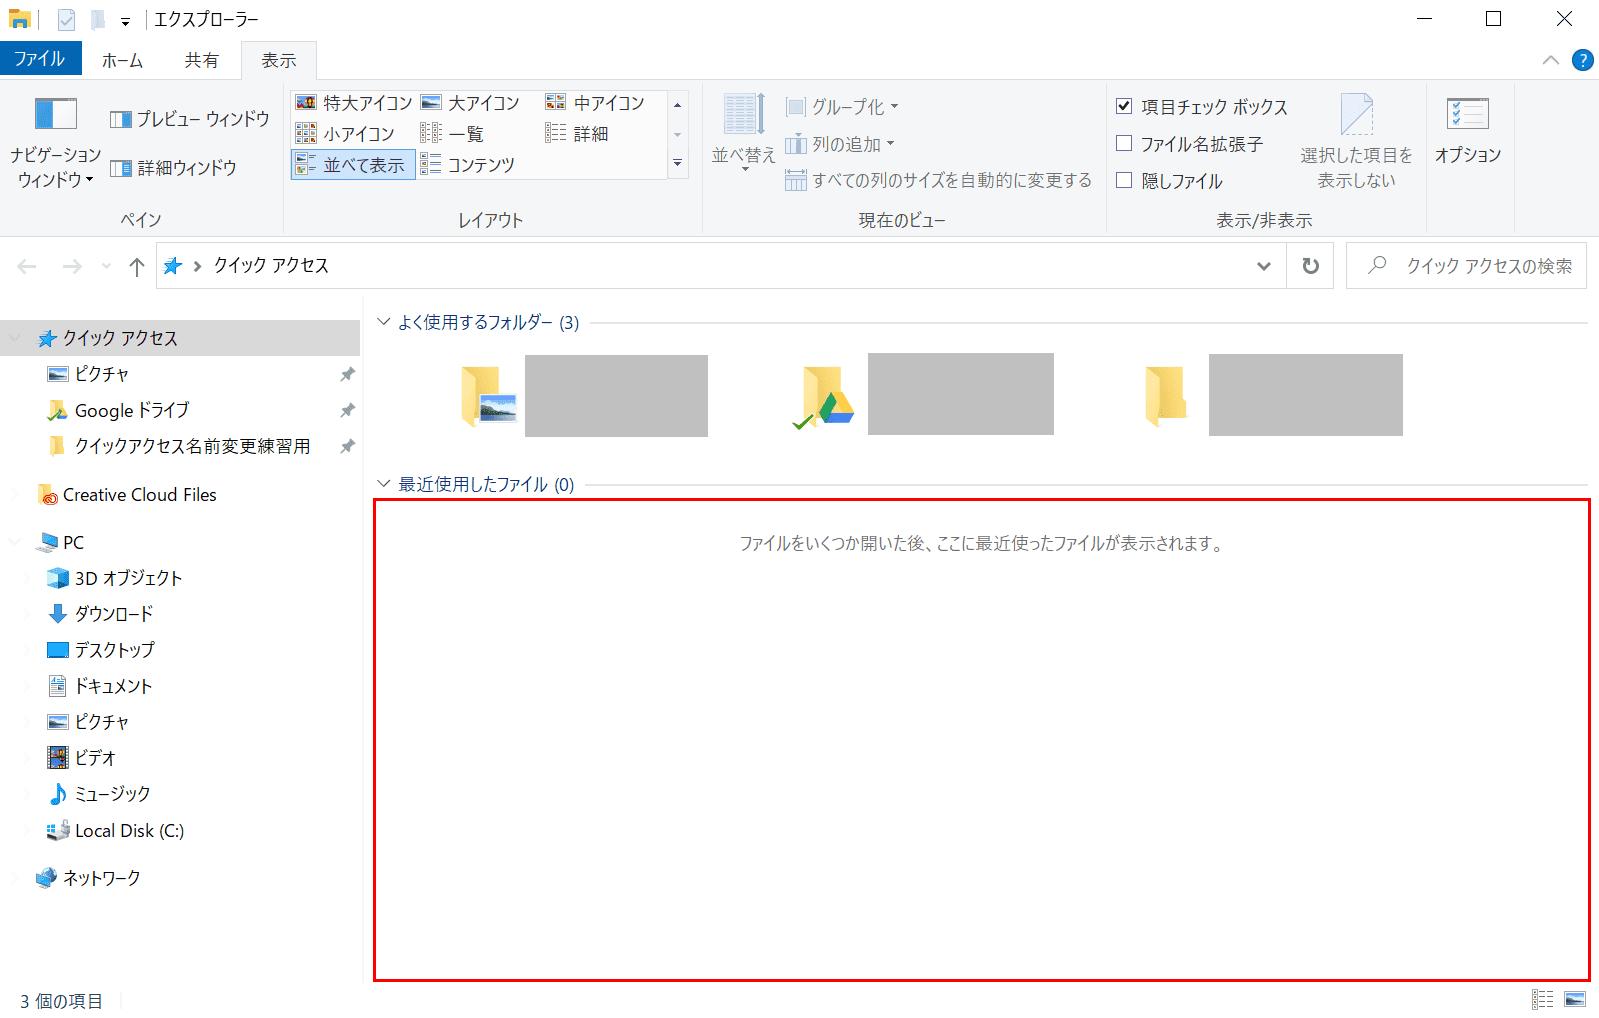 最近使用したファイルの削除確認